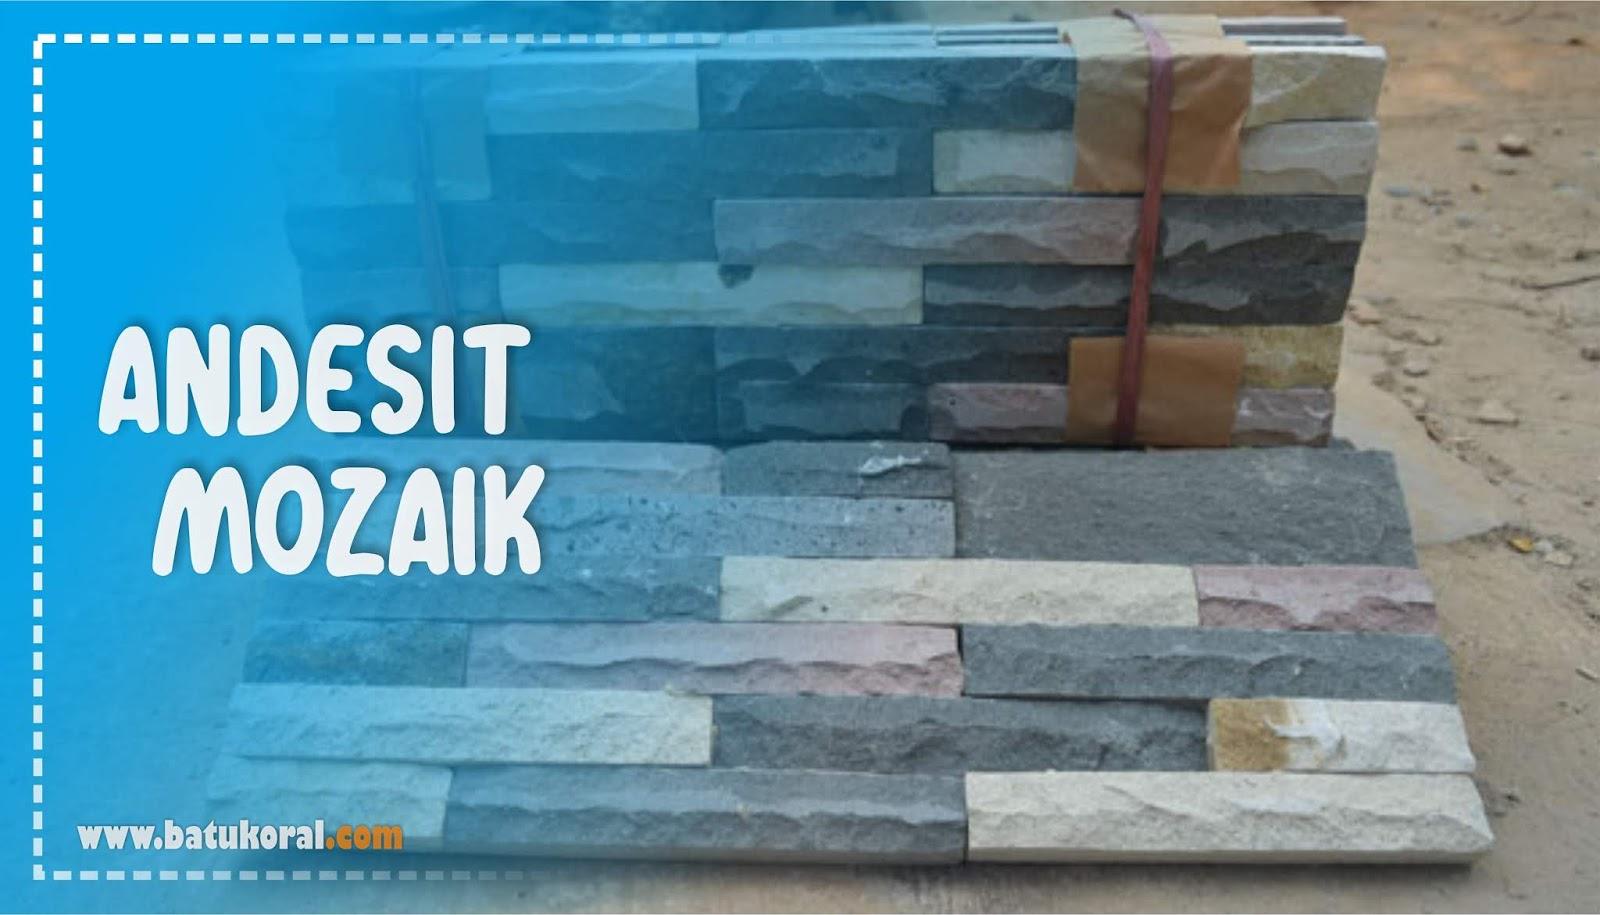 batu andesit mozaik